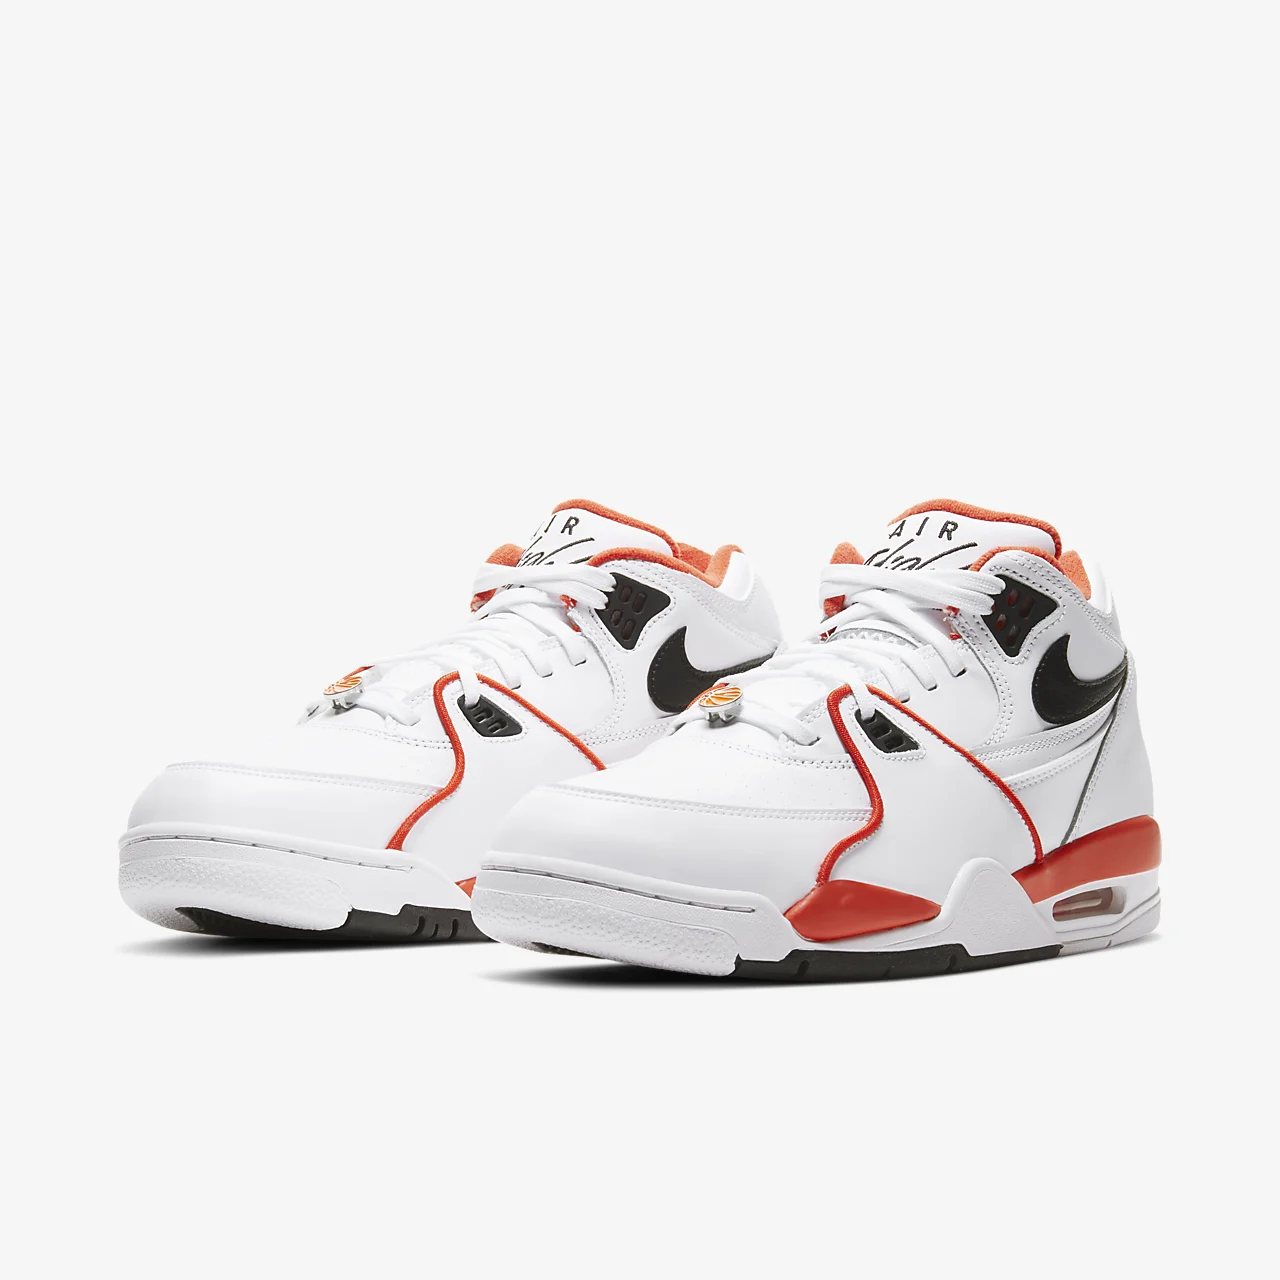 나이키 에어 플라이트 89 EMB 남성 신발 CZ6097-100